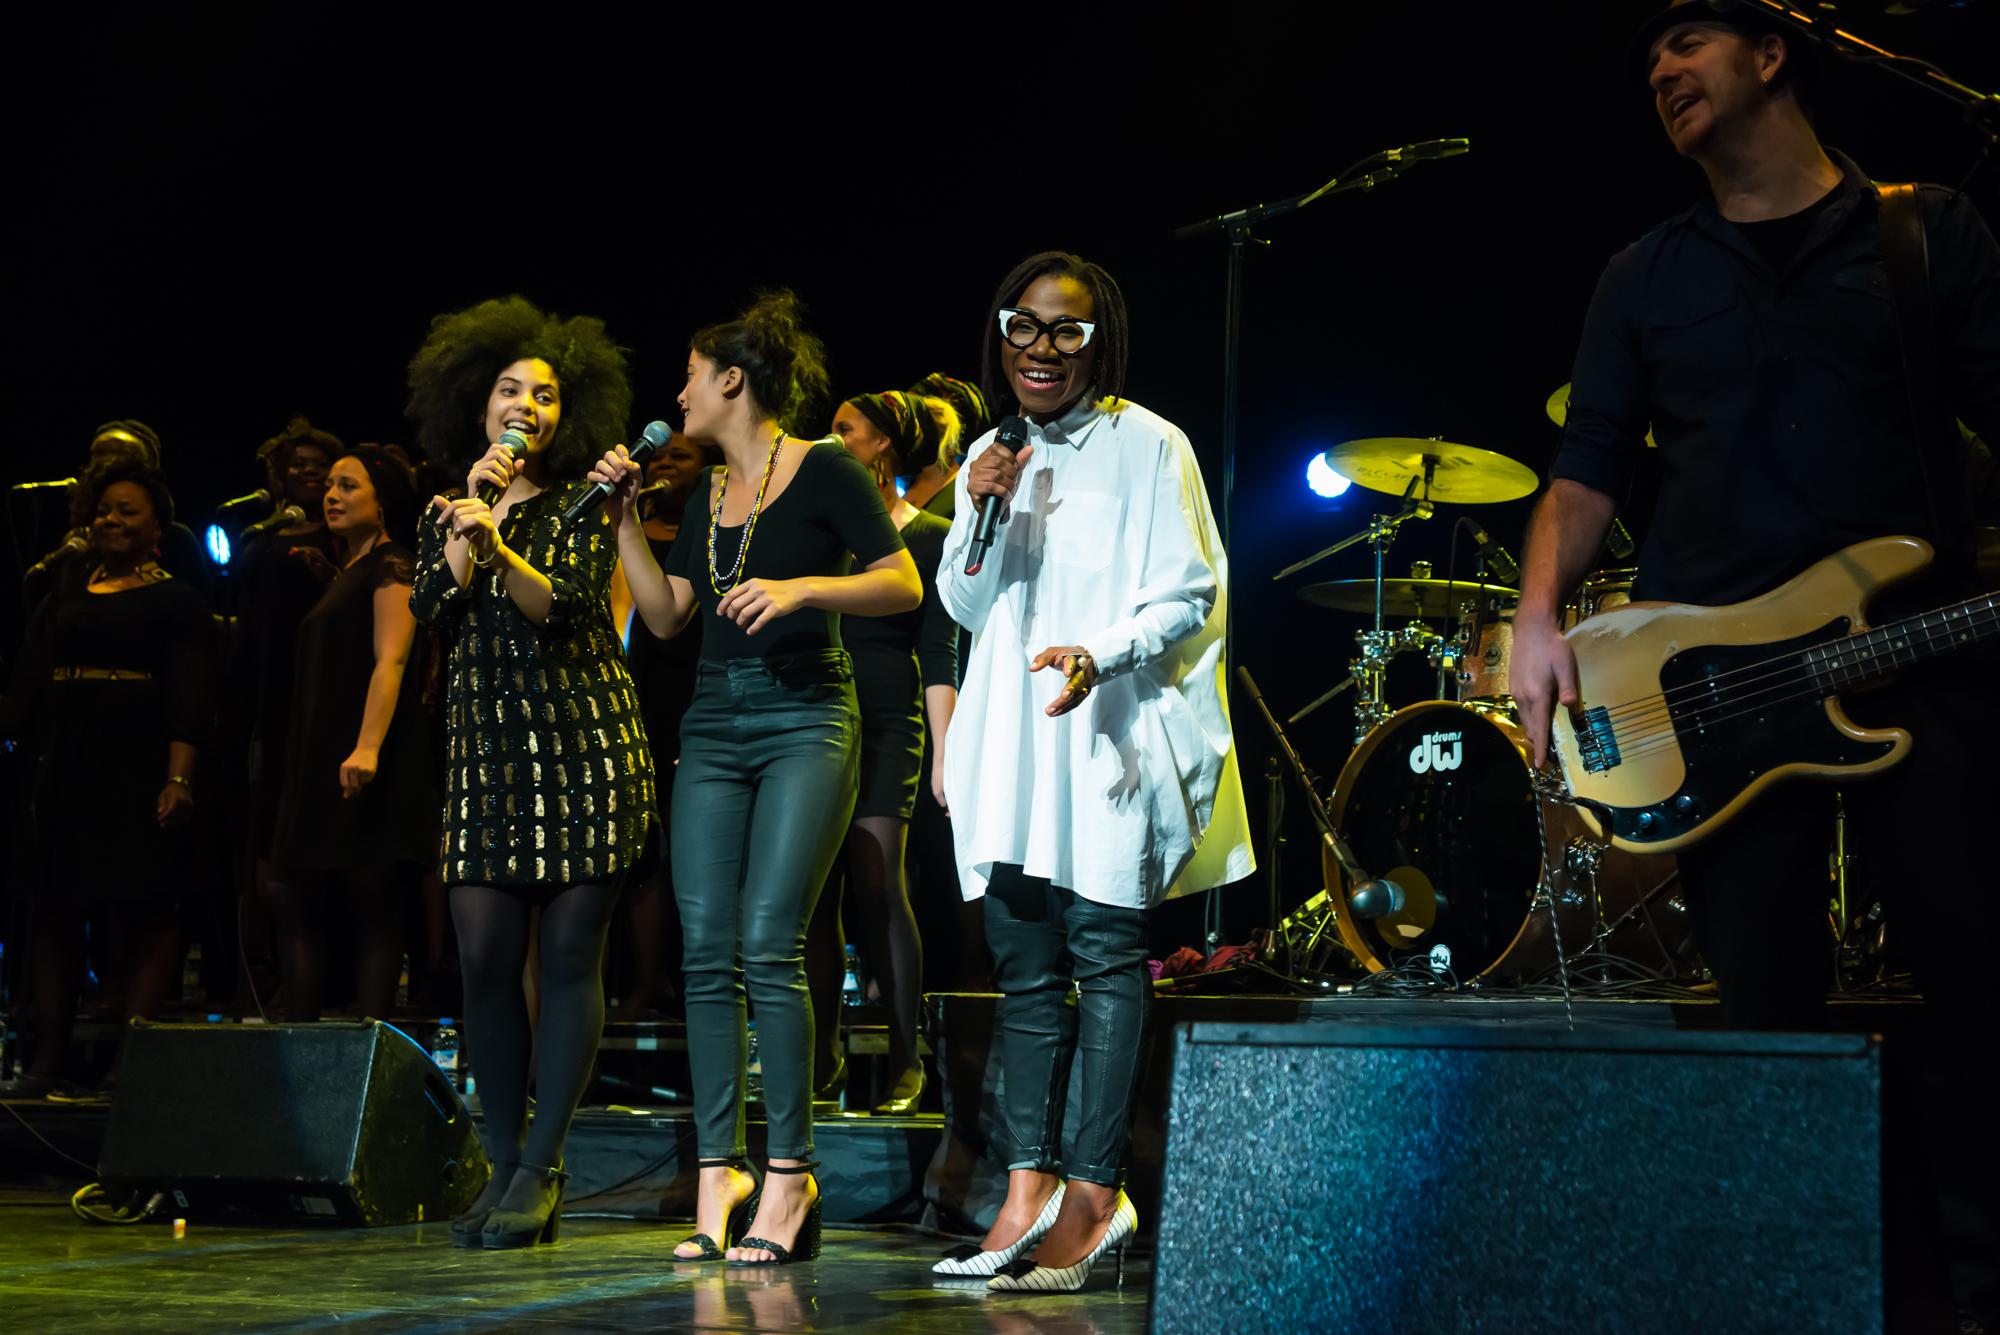 Royal Festival Hall, UK. 14th November 2014. Angelique Kidjo, Asa and Ibeyi performing at Royal Festival Hall